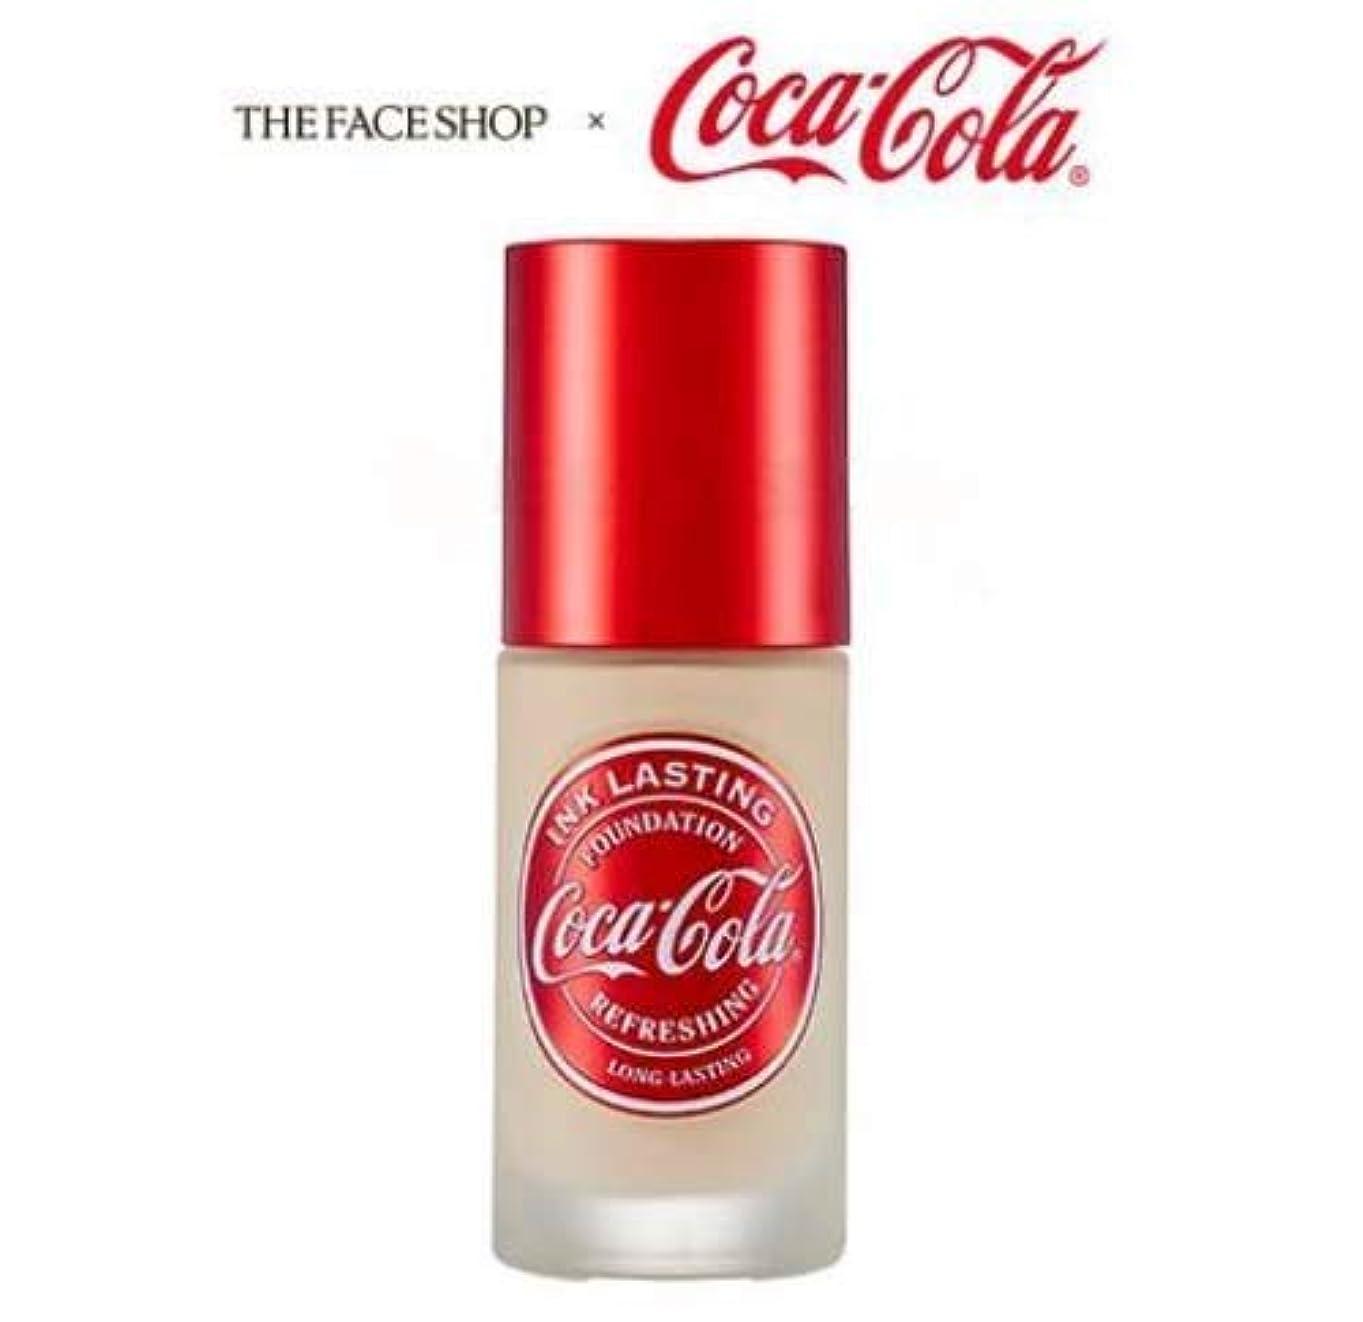 外向き繰り返した申し立て[ザ?フェイスショップ] THE FACE SHOP [コカ?コーラ インクラスティングファンデーション - スリムフィット 30ml] (Coca Cola Ink Lasting Foundation - Slim...